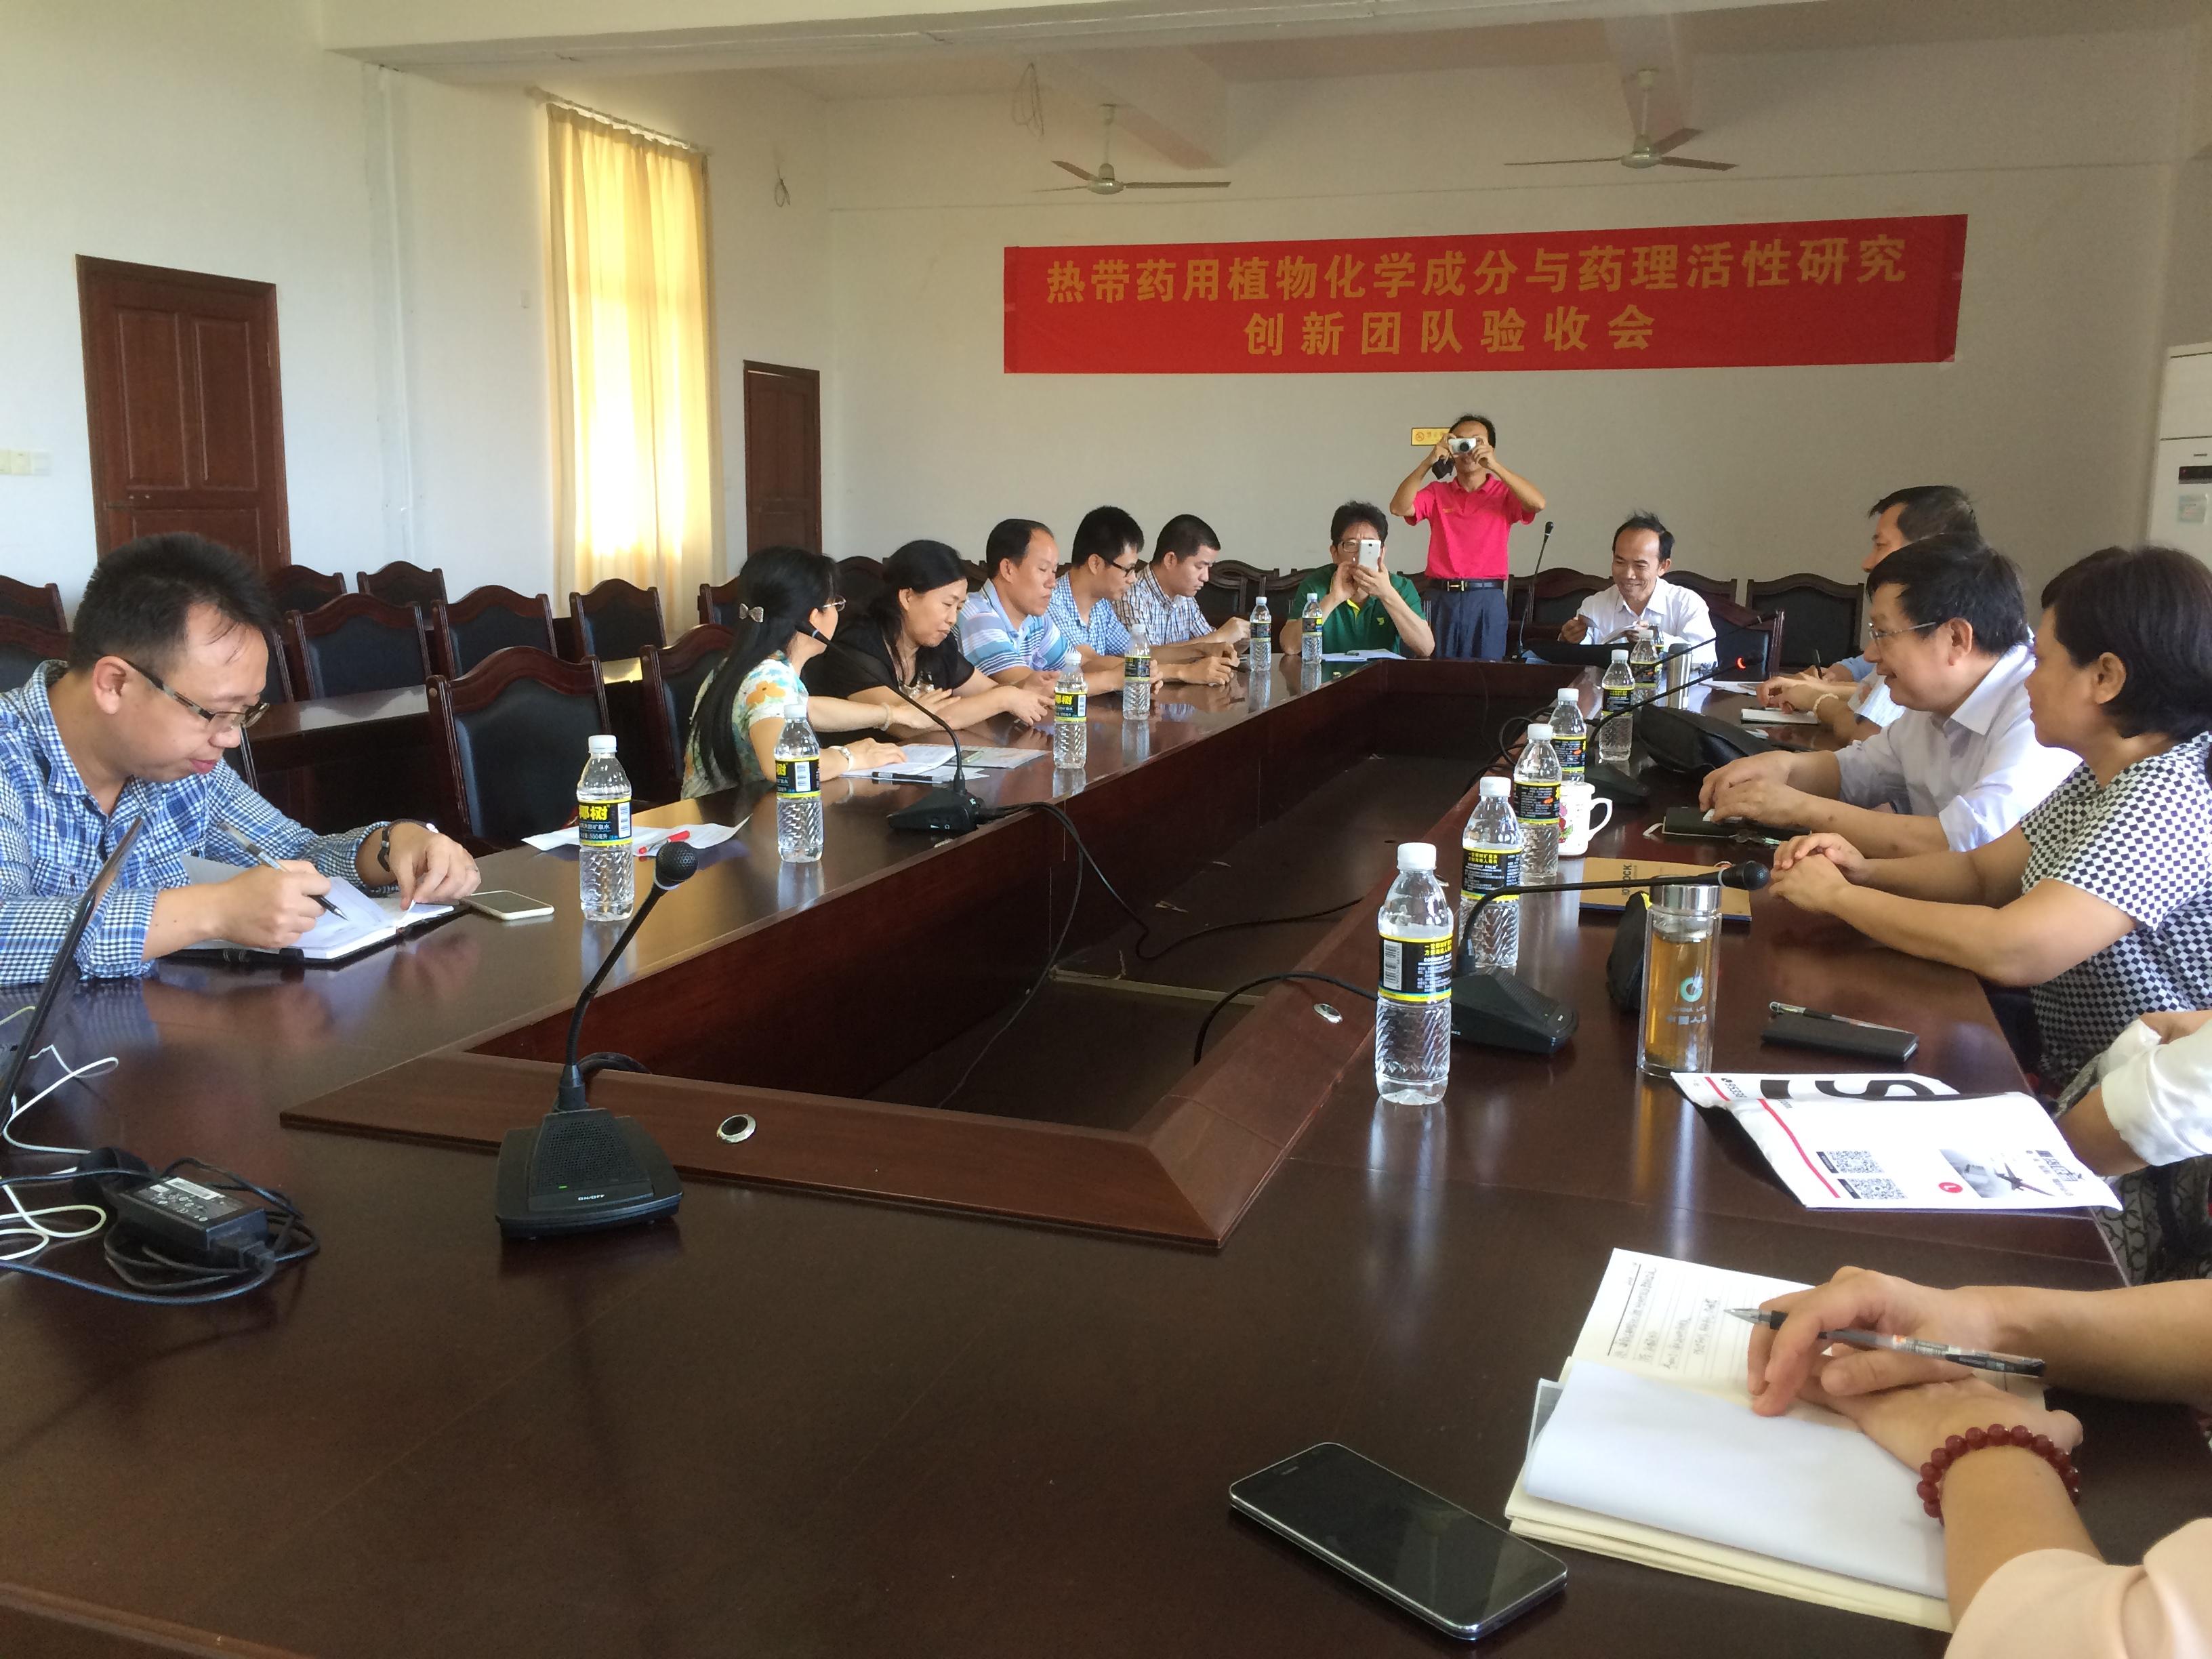 海南大学材料与化工学院刘四新院长一行到我院进行交流